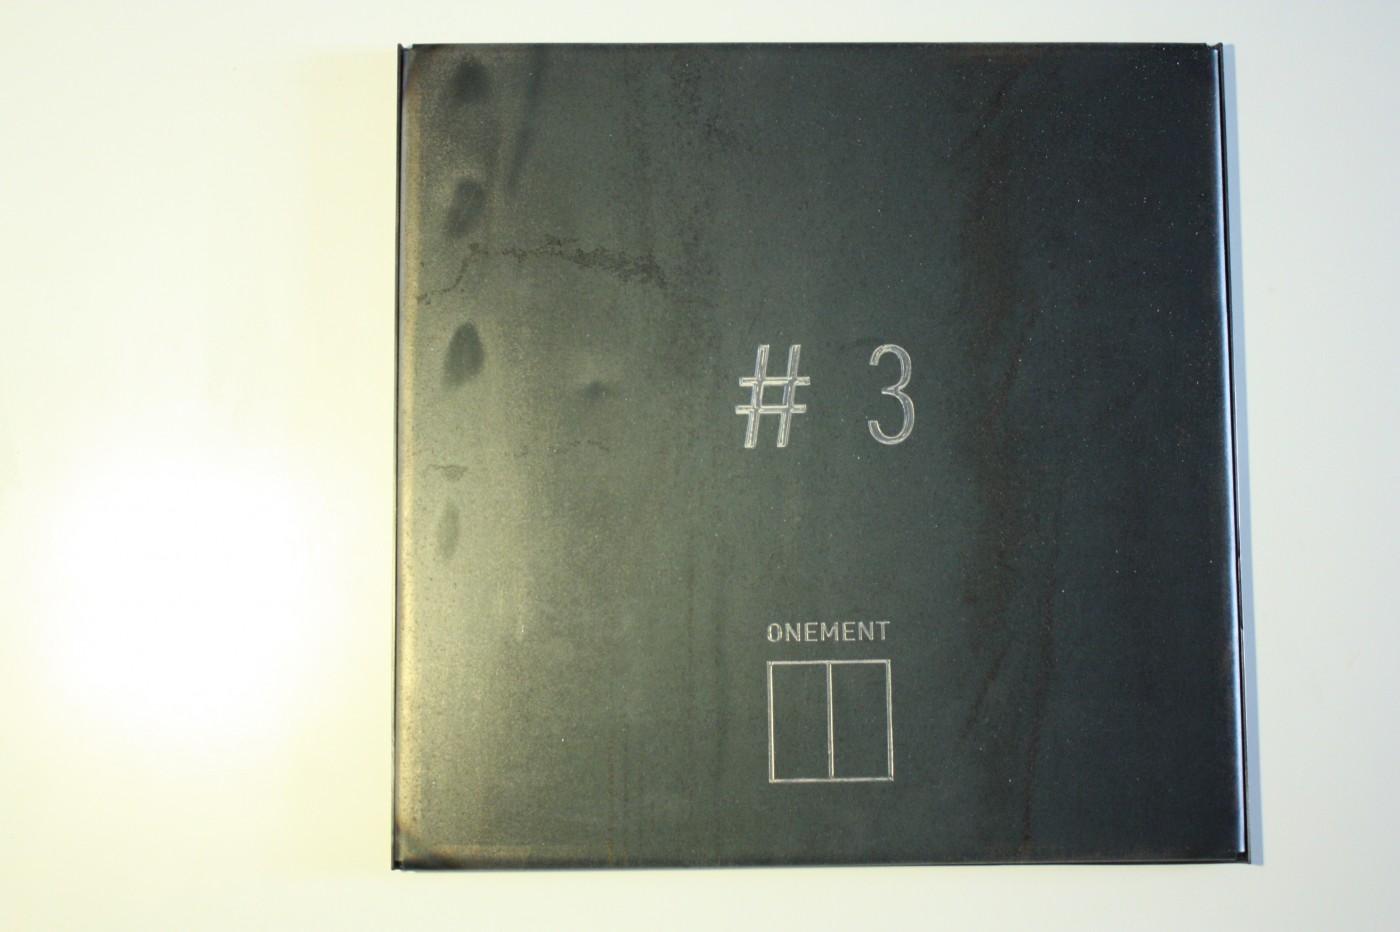 IMG 0458 e1353364779652 Coffret Vinyl // Austral // Yannick Franck // Onement